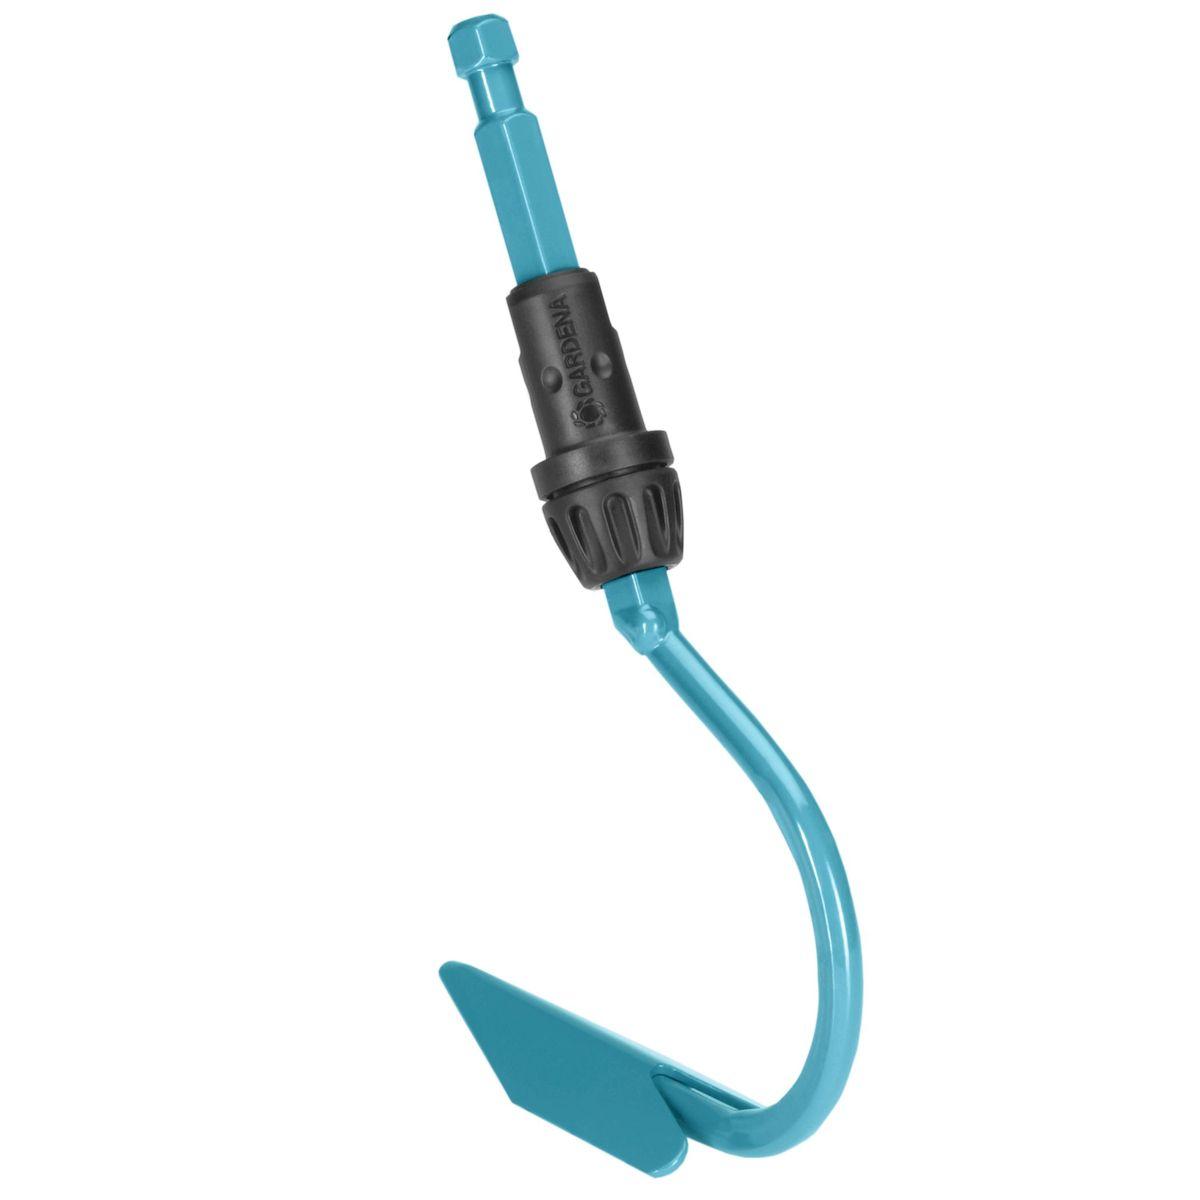 Культиватор Gardena, без ручки, 3,6 см03132-20.000.00Культиватор Gardena выполнен из высококачественной стали с покрытием из дюропласта, которое обеспечивает оптимальную защиту инструмента от коррозии. Он снабжен одним заостренным зубцом, который позволяет без труда разрыхлять почву с коркой. Компактный культиватор позволяет обрабатывать почву в узких междурядьях, не причиняя вреда растениям. Культиватор может использоваться с любой ручкой, однако рекомендуется использовать ручку длиной 130 см, в зависимости от роста пользователя. Рабочая ширина - 3,6 см.